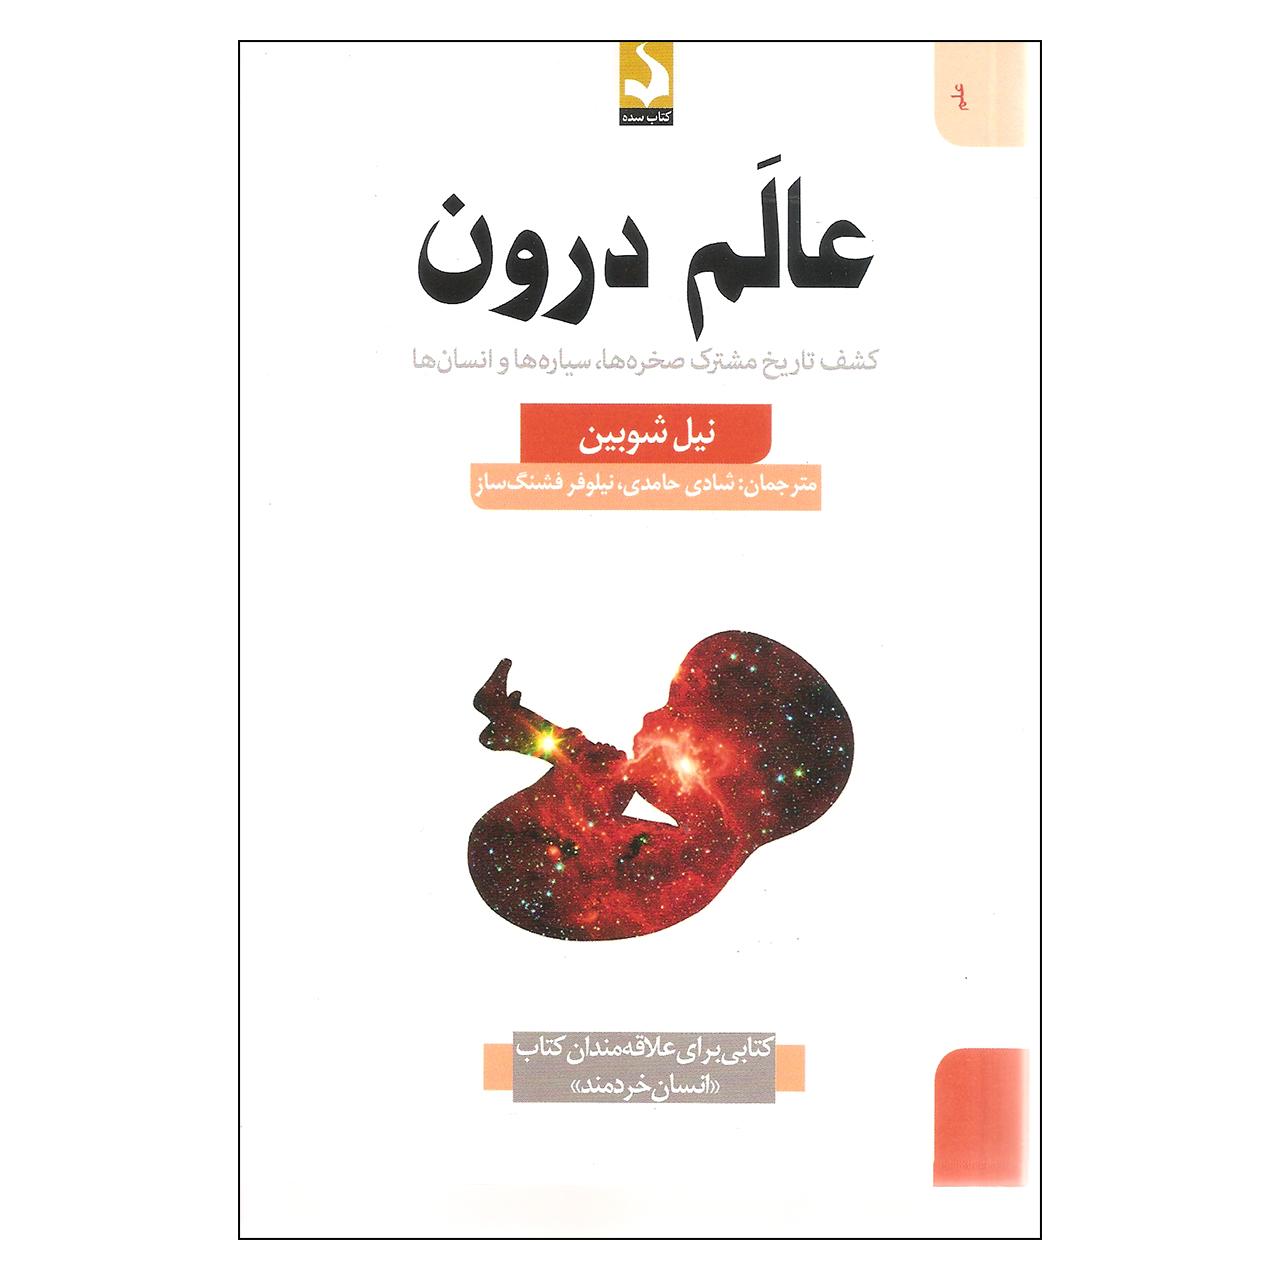 کتاب عالم درون اثر نیل شوبین انتشارات کتاب سده